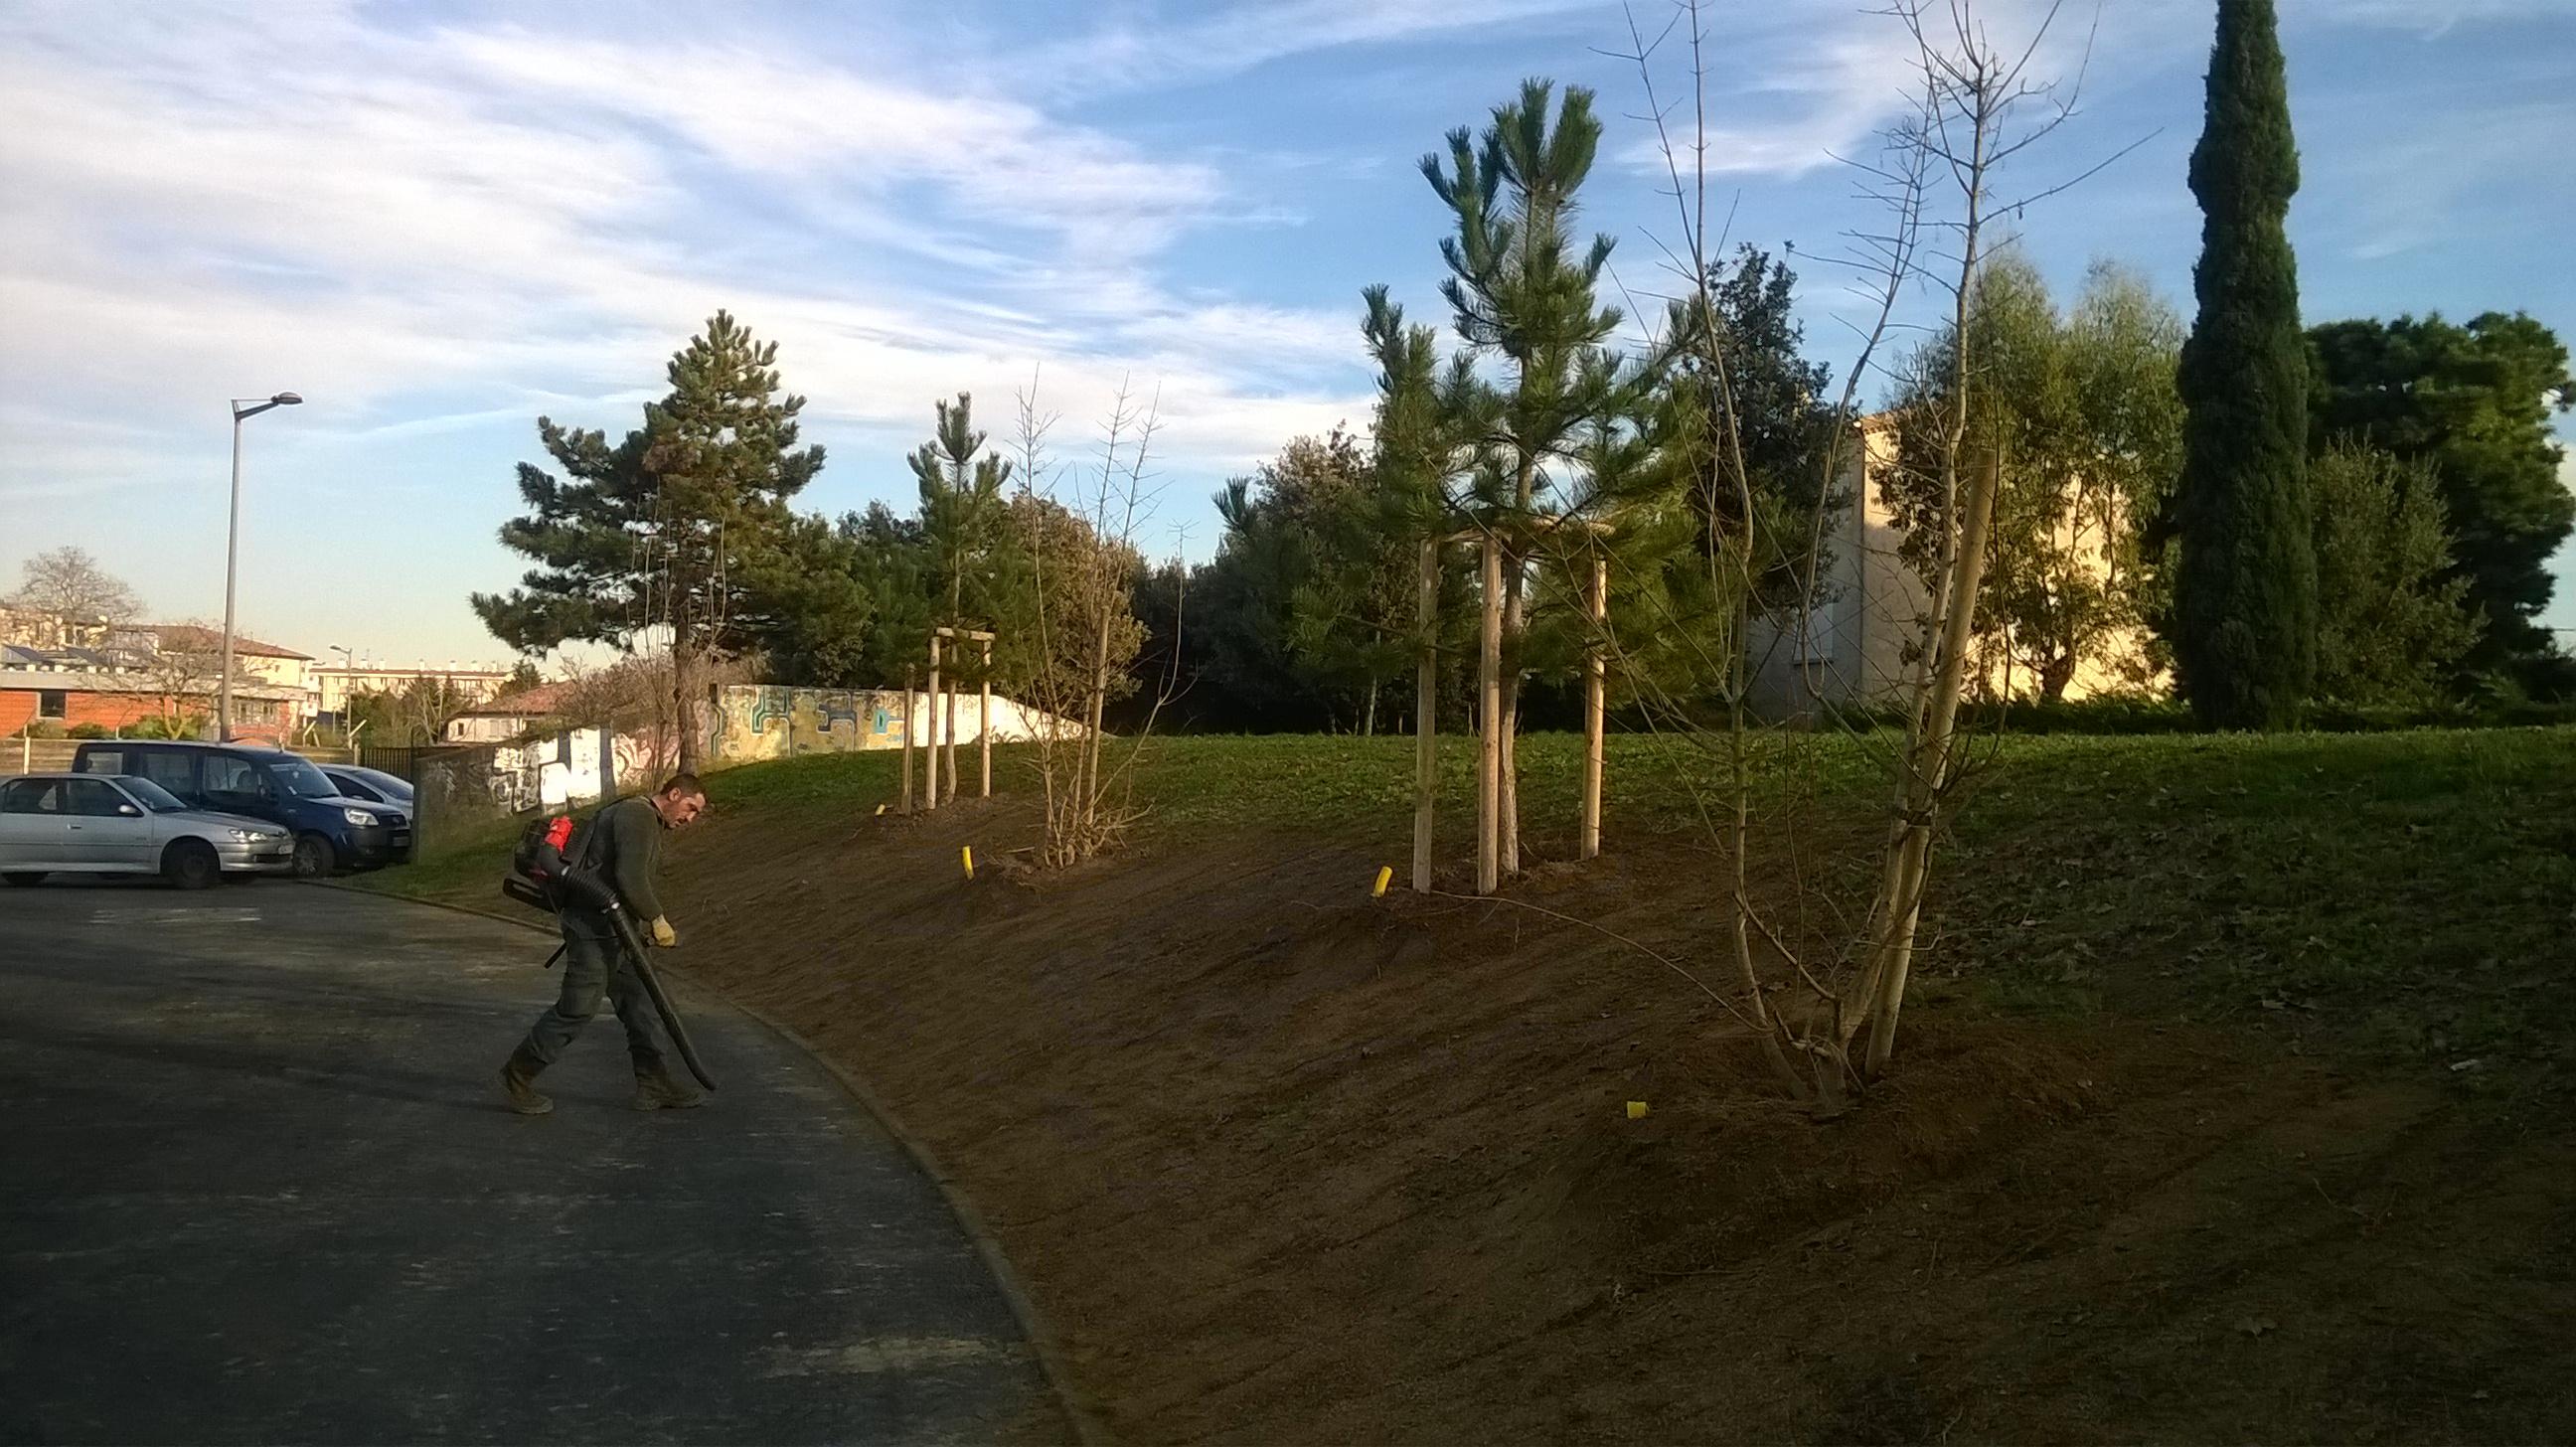 Plantation de gros arbres à Colomiers : Nettoyage du chantier